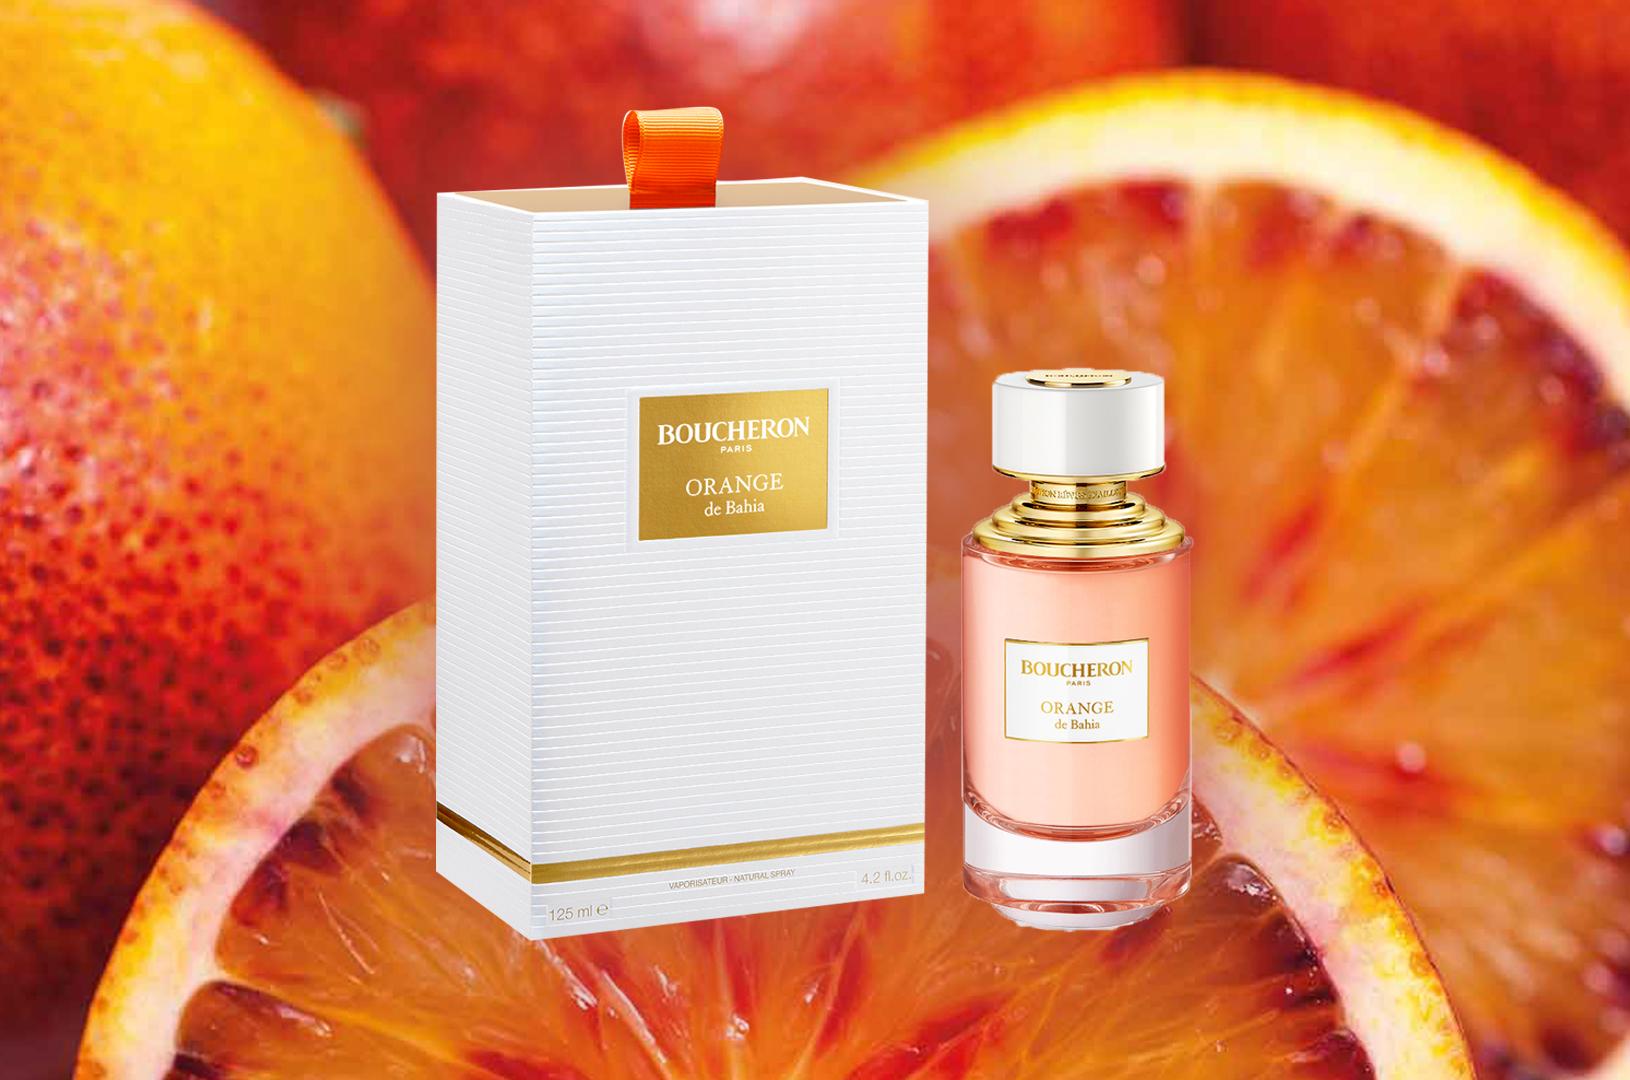 Orange de Bahia, najnoviji Boucheron parfem posvećen je rijetkom afričkom dragulju pod nazivom Mandarin Garnet